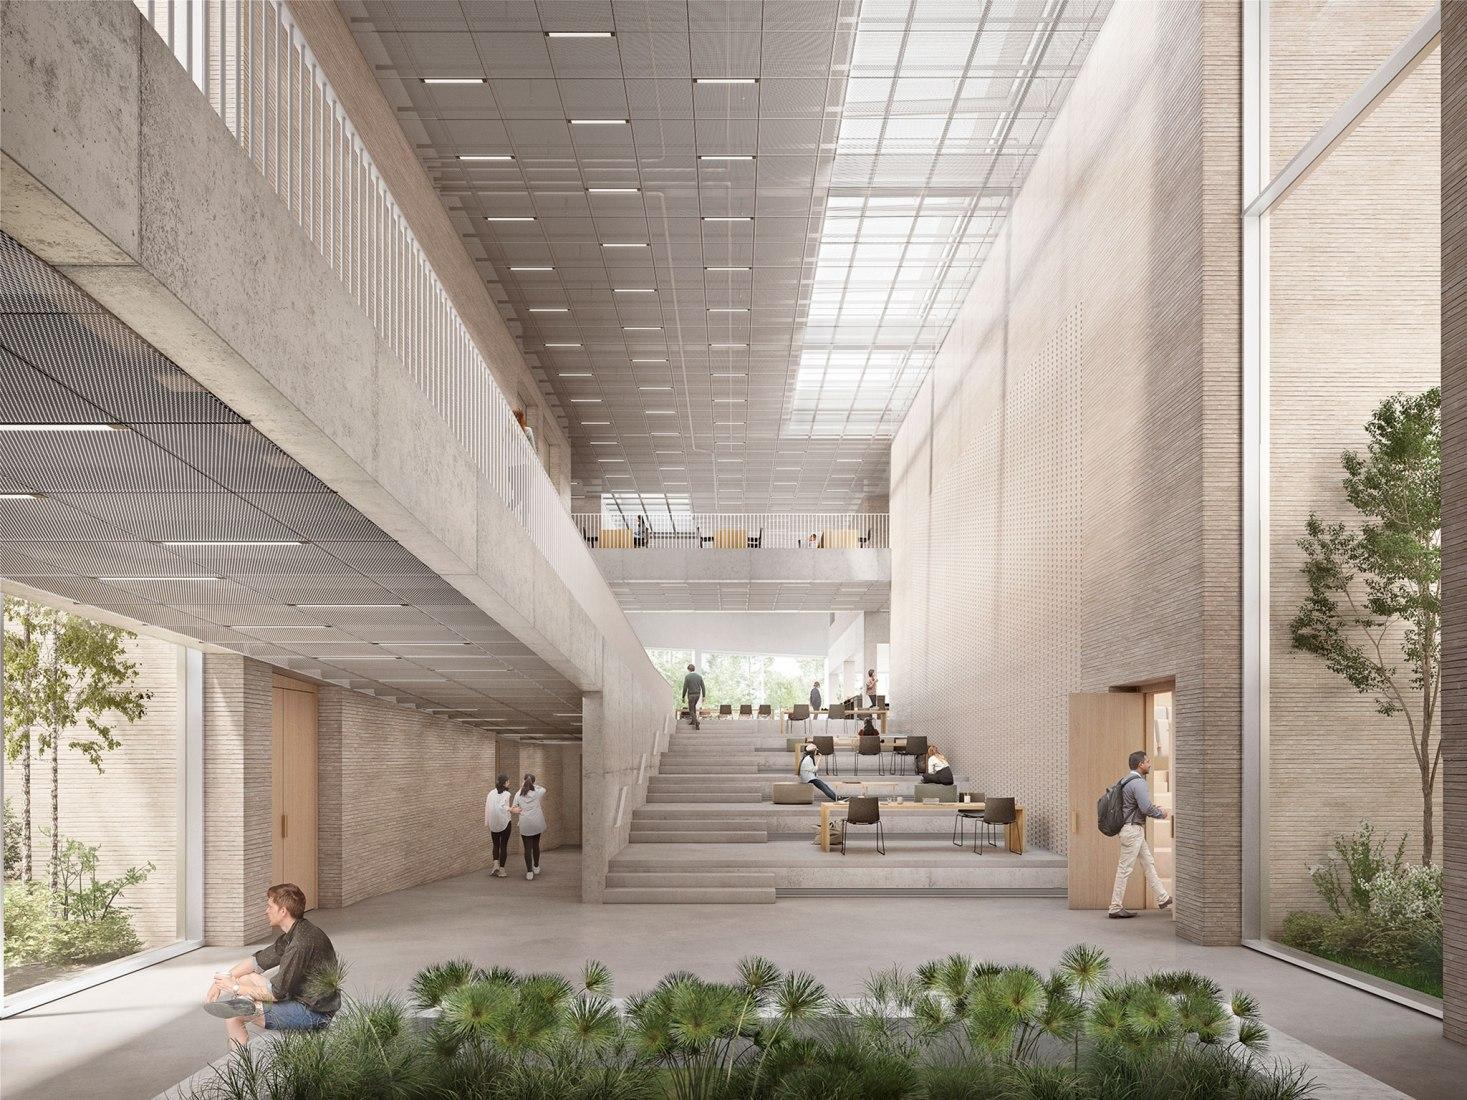 Centro de Educación Universidad de Groningen por KAAN Architecten. Visualización por Filippo Bolognese.